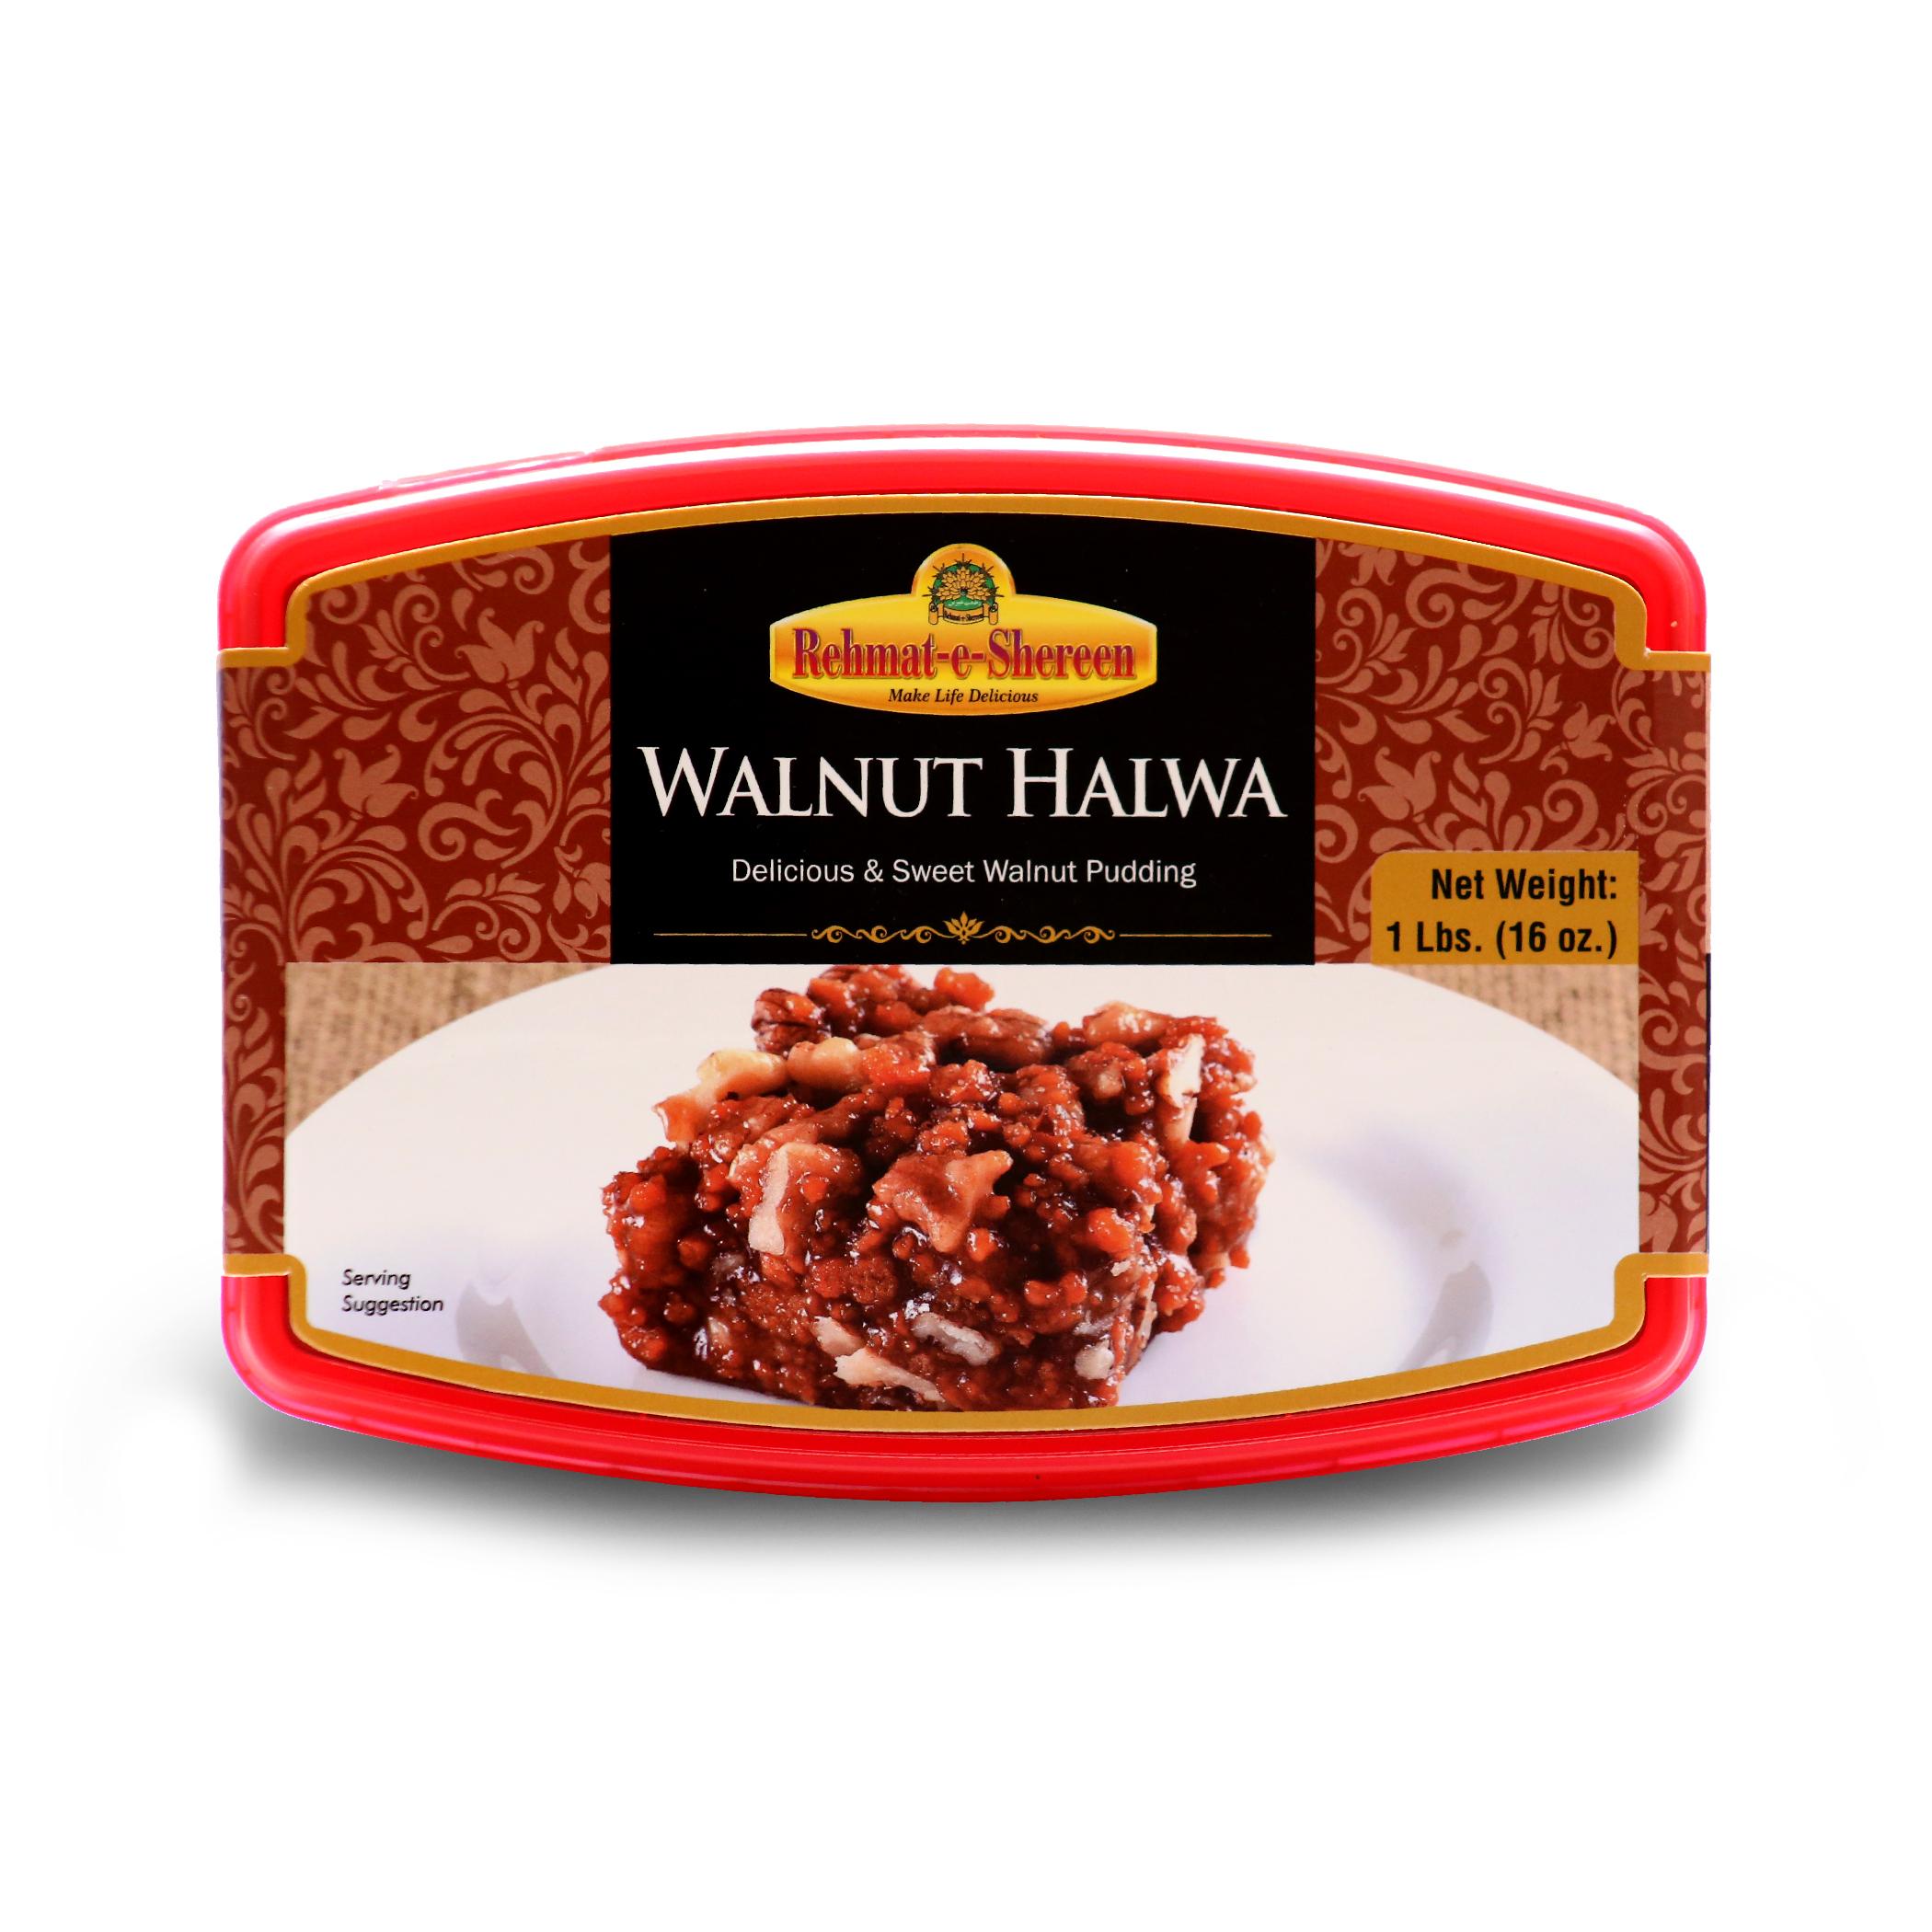 Walnut Halwa